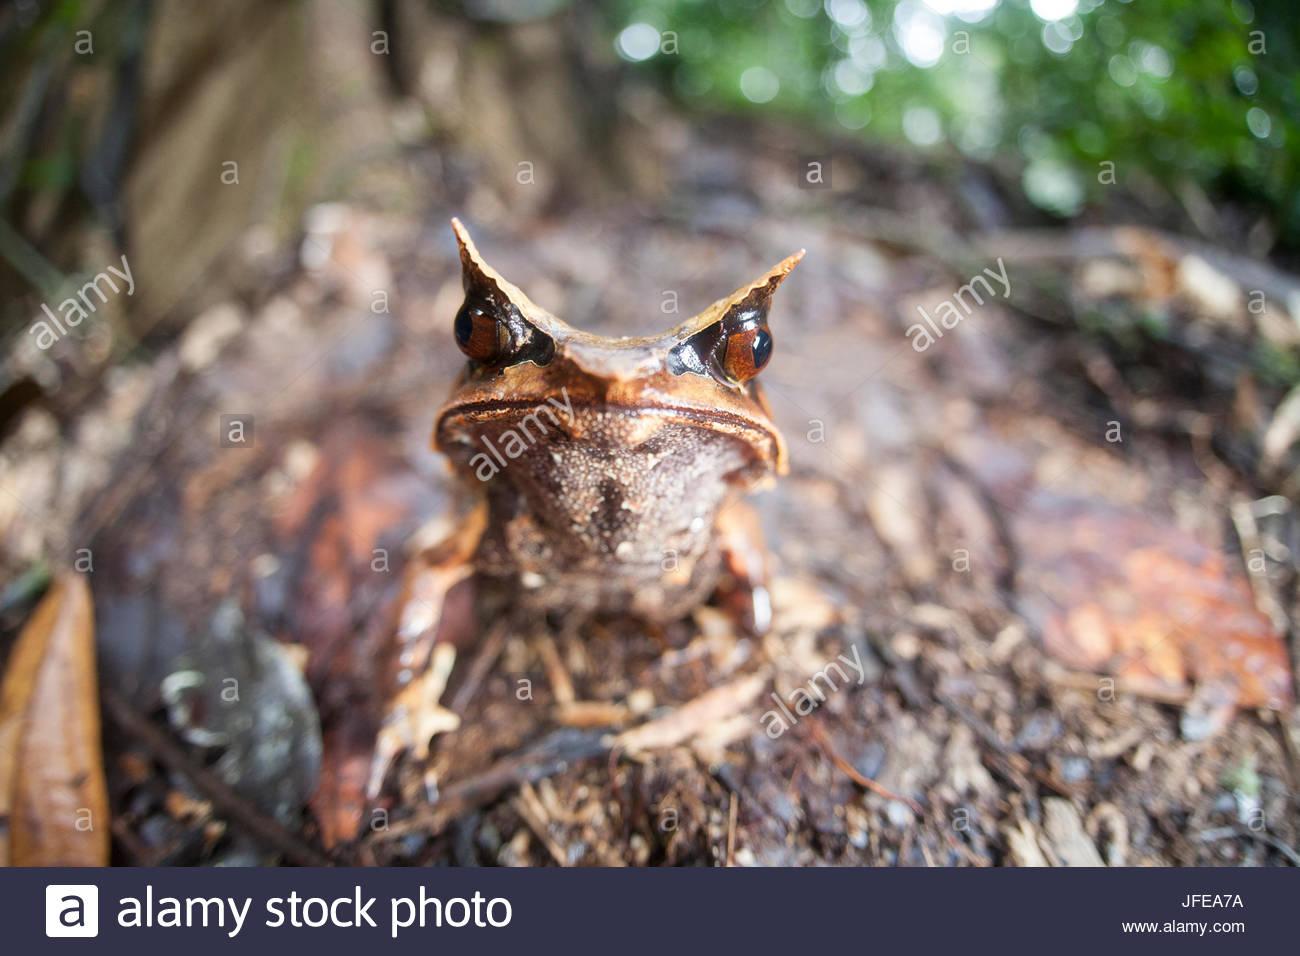 Un Bornean cornuto rana, Megophrys nasuta, sul suolo della foresta del Borneo. Foto Stock